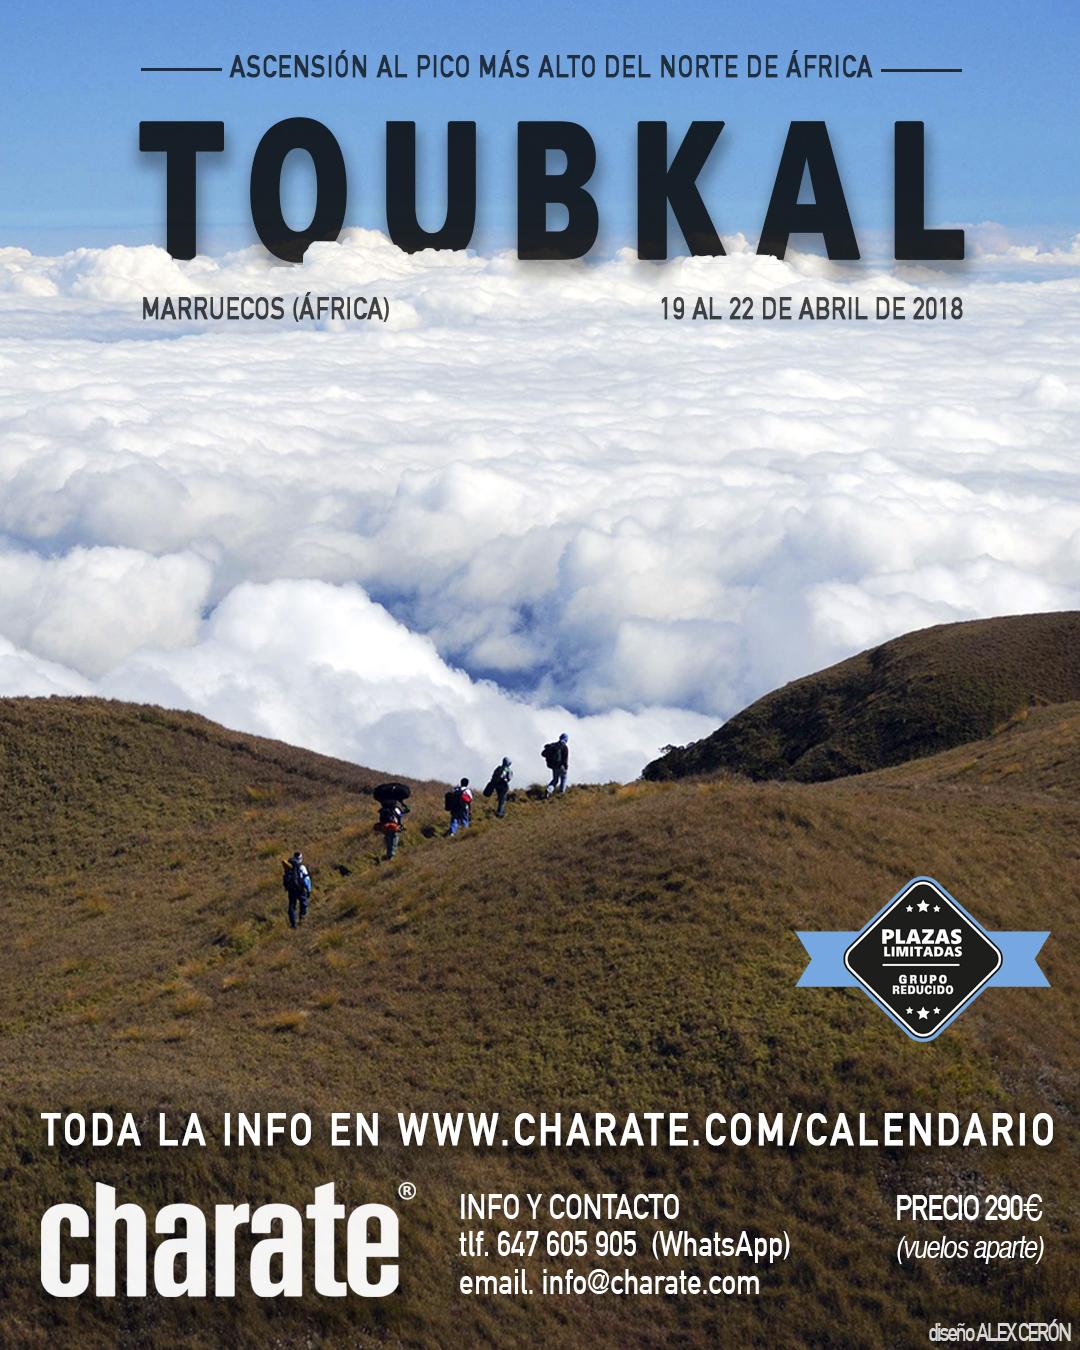 Toubkal_18